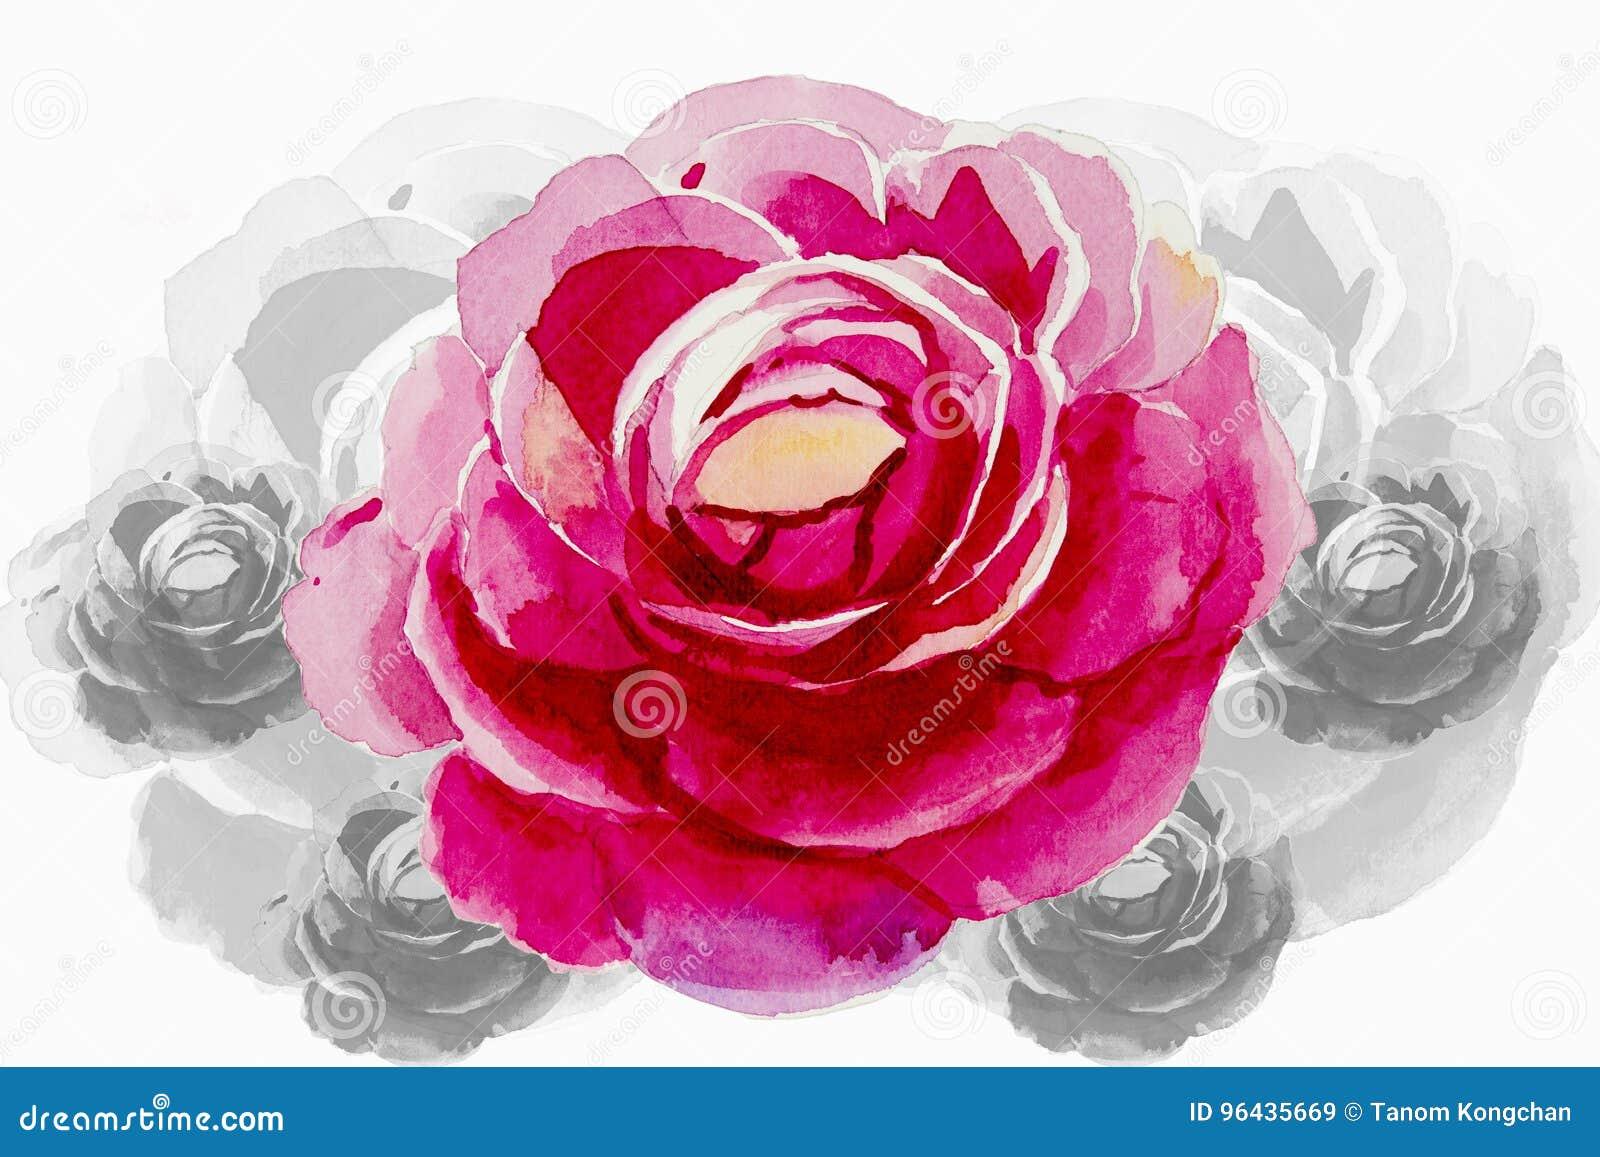 Fleur Rose De Peinture De Couleur Des Roses Illustration